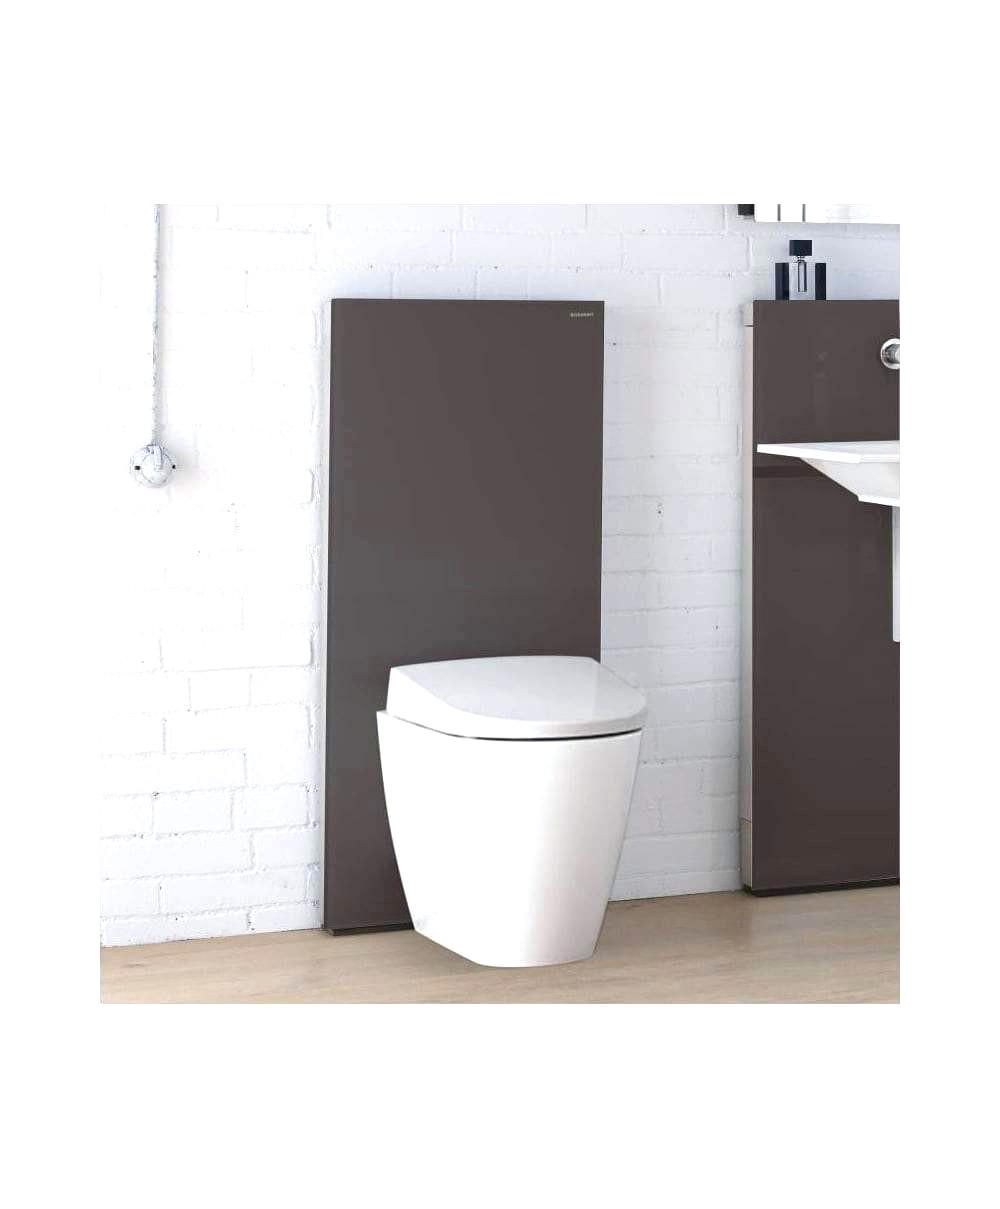 Leroy Merlin Wc Suspendu Gallery Of Abattant Wc Suspendu tout Toilette Japonaise Prix